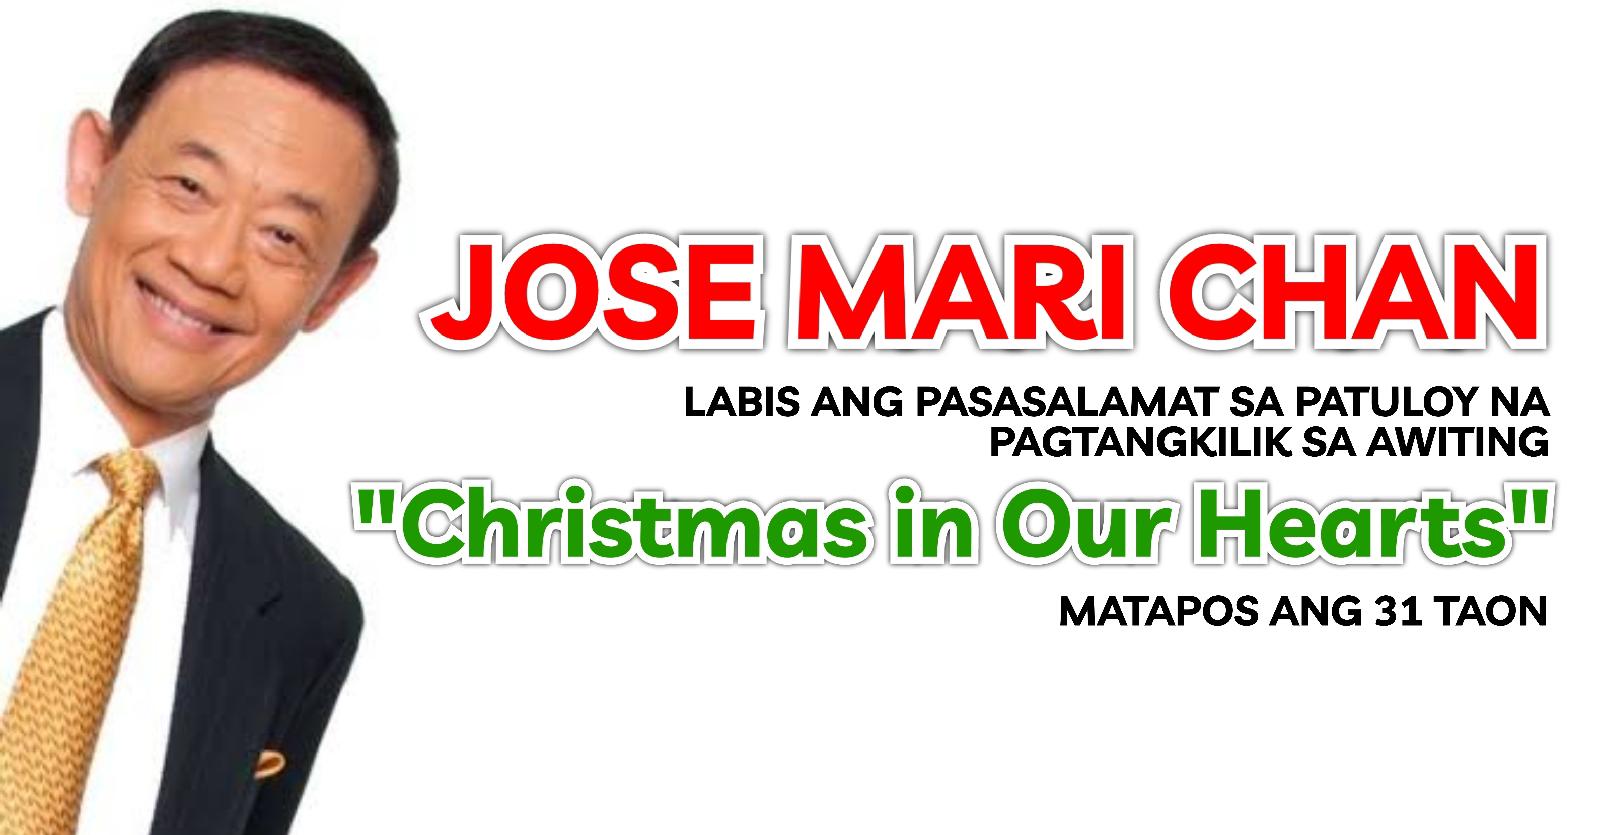 """JOSE MARI CHAN, labis ang pasasalamat sa patuloy na pagtangkilik sa awiting """"Christmas In Our Hearts"""" matapos ang 31 taon"""